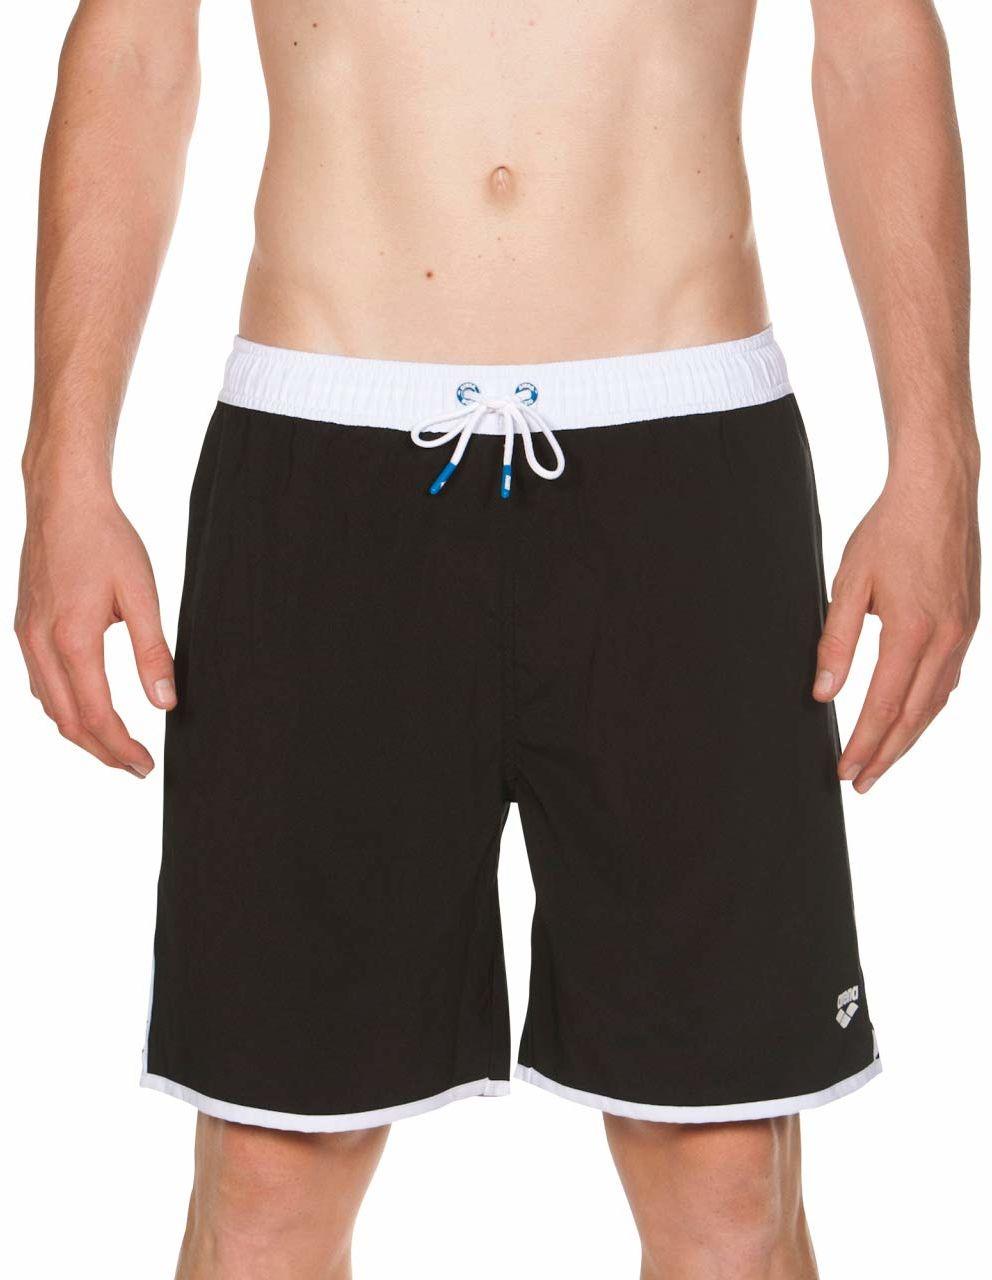 Sand Team Stripe bermudy plażowe szorty, męskie, 001832, czarno-biało-czarny, S